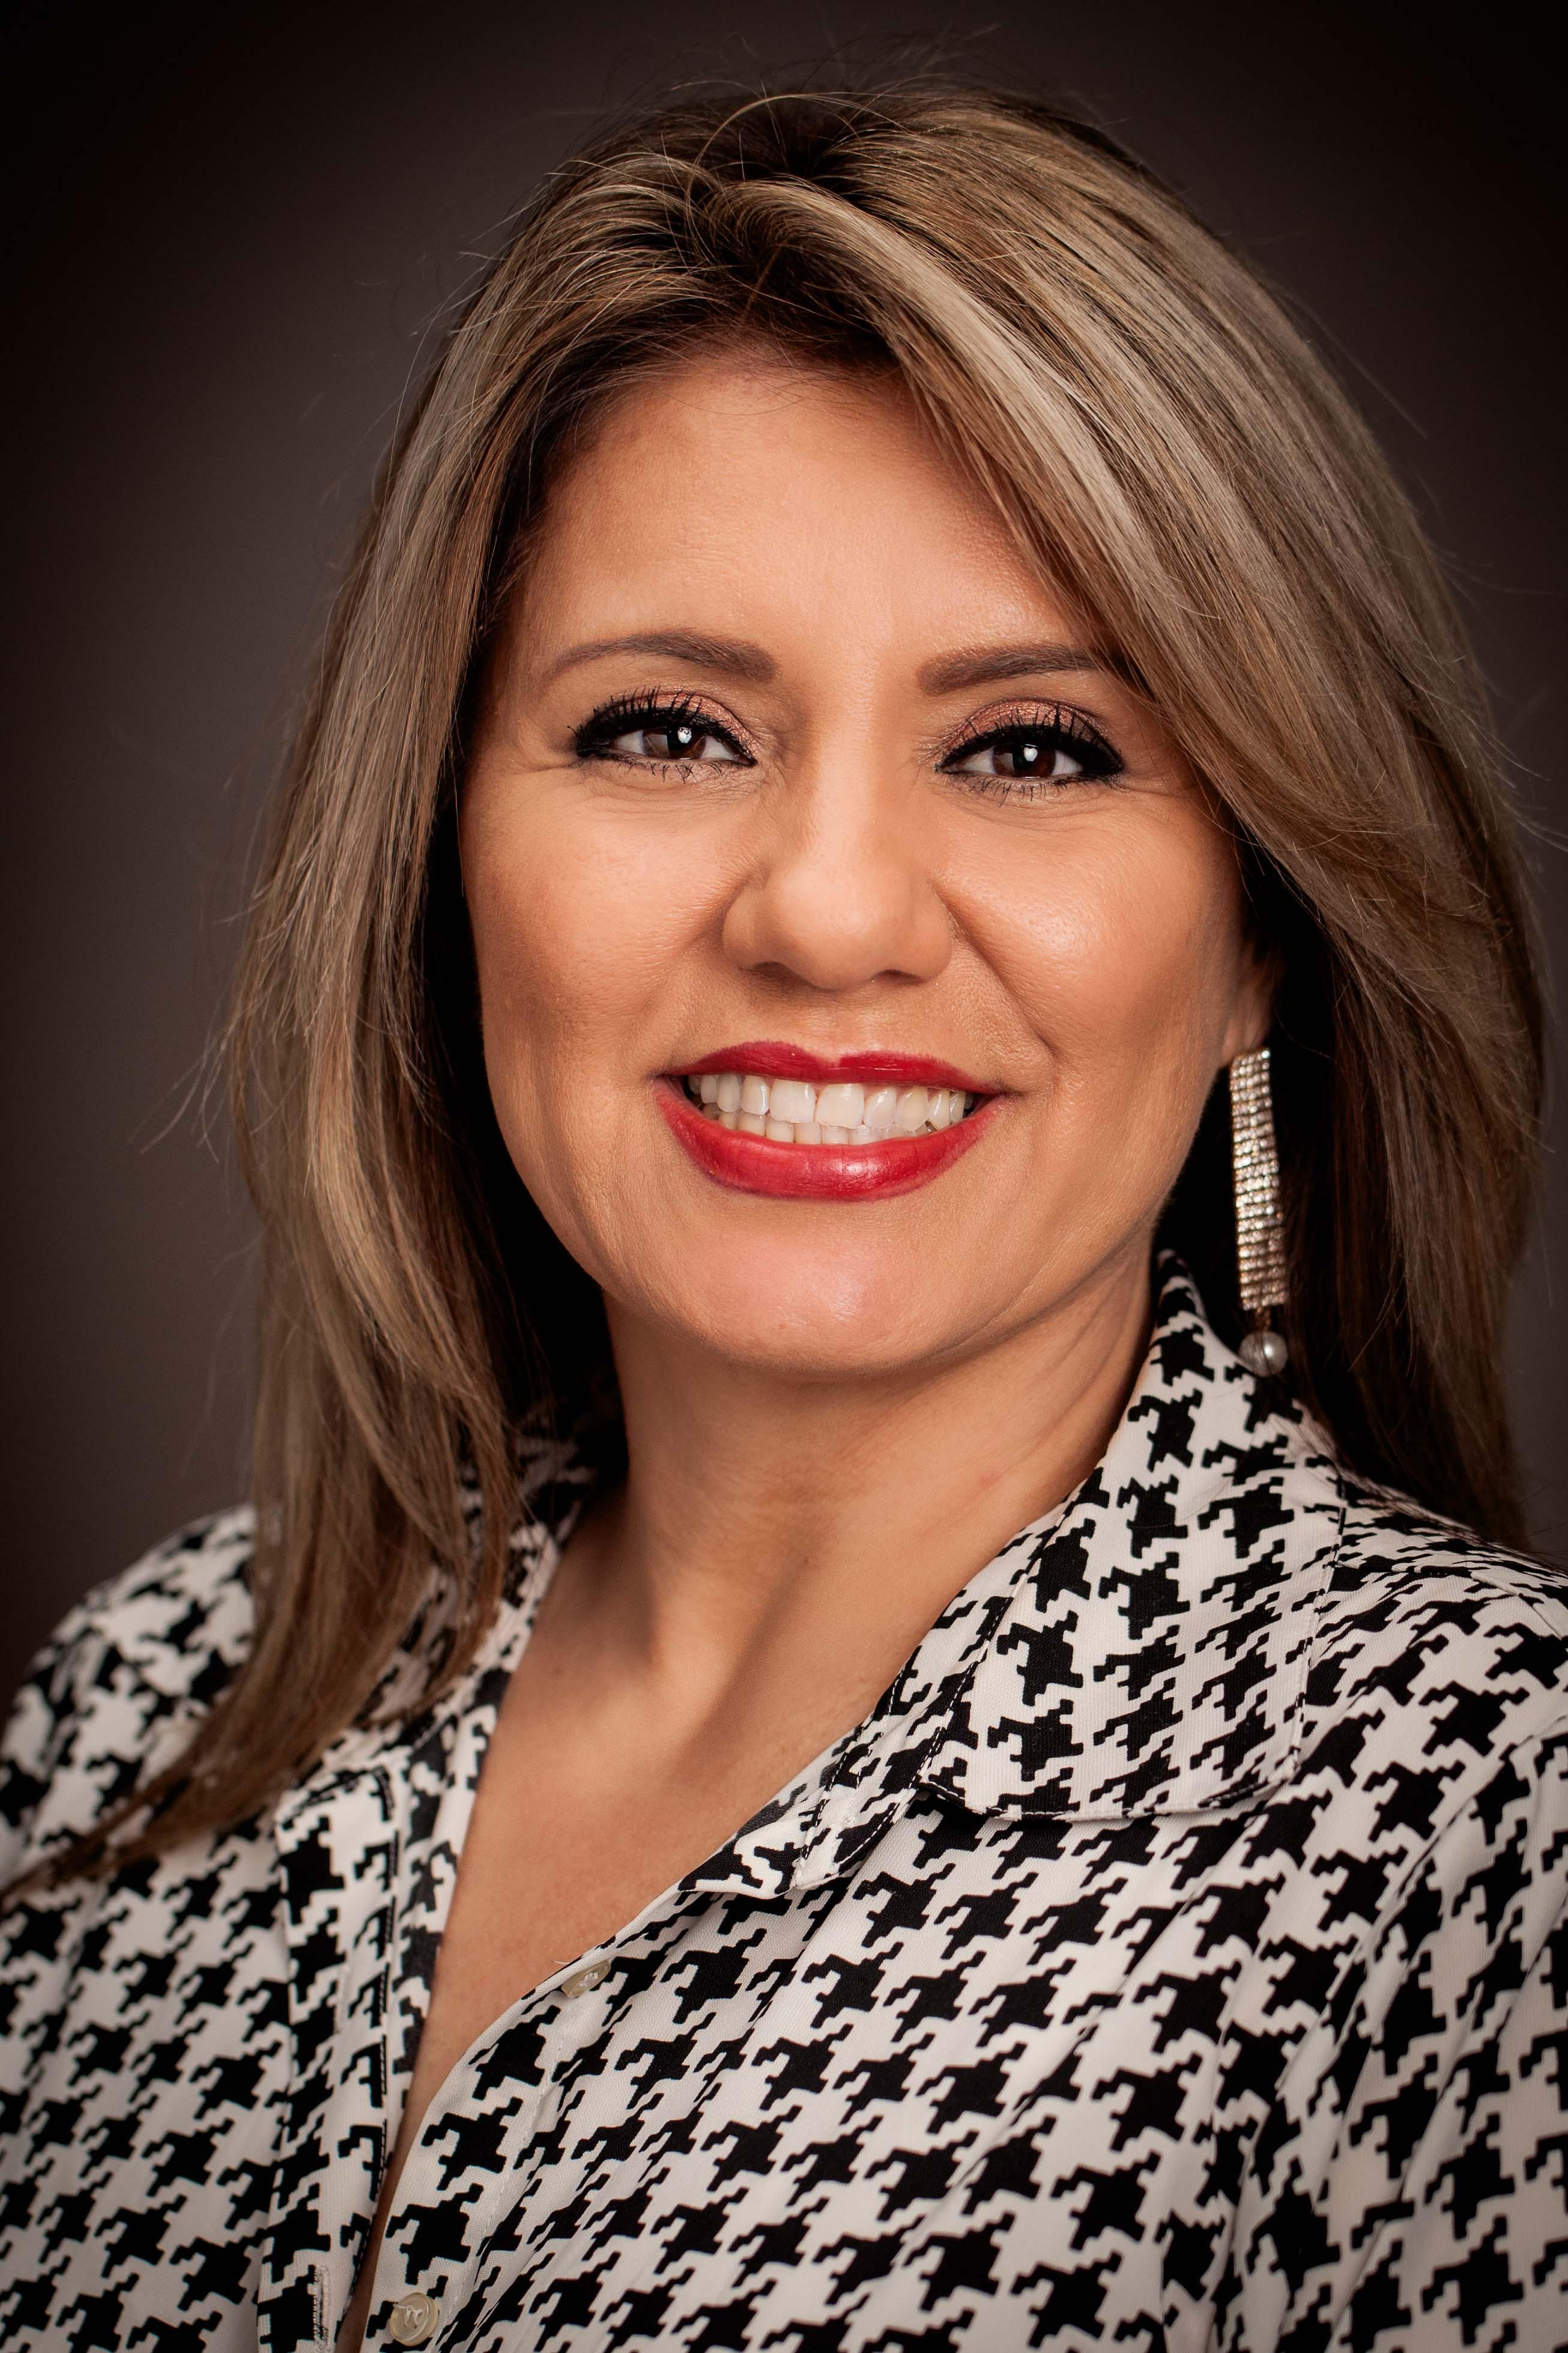 Ivette Sanchez Photo